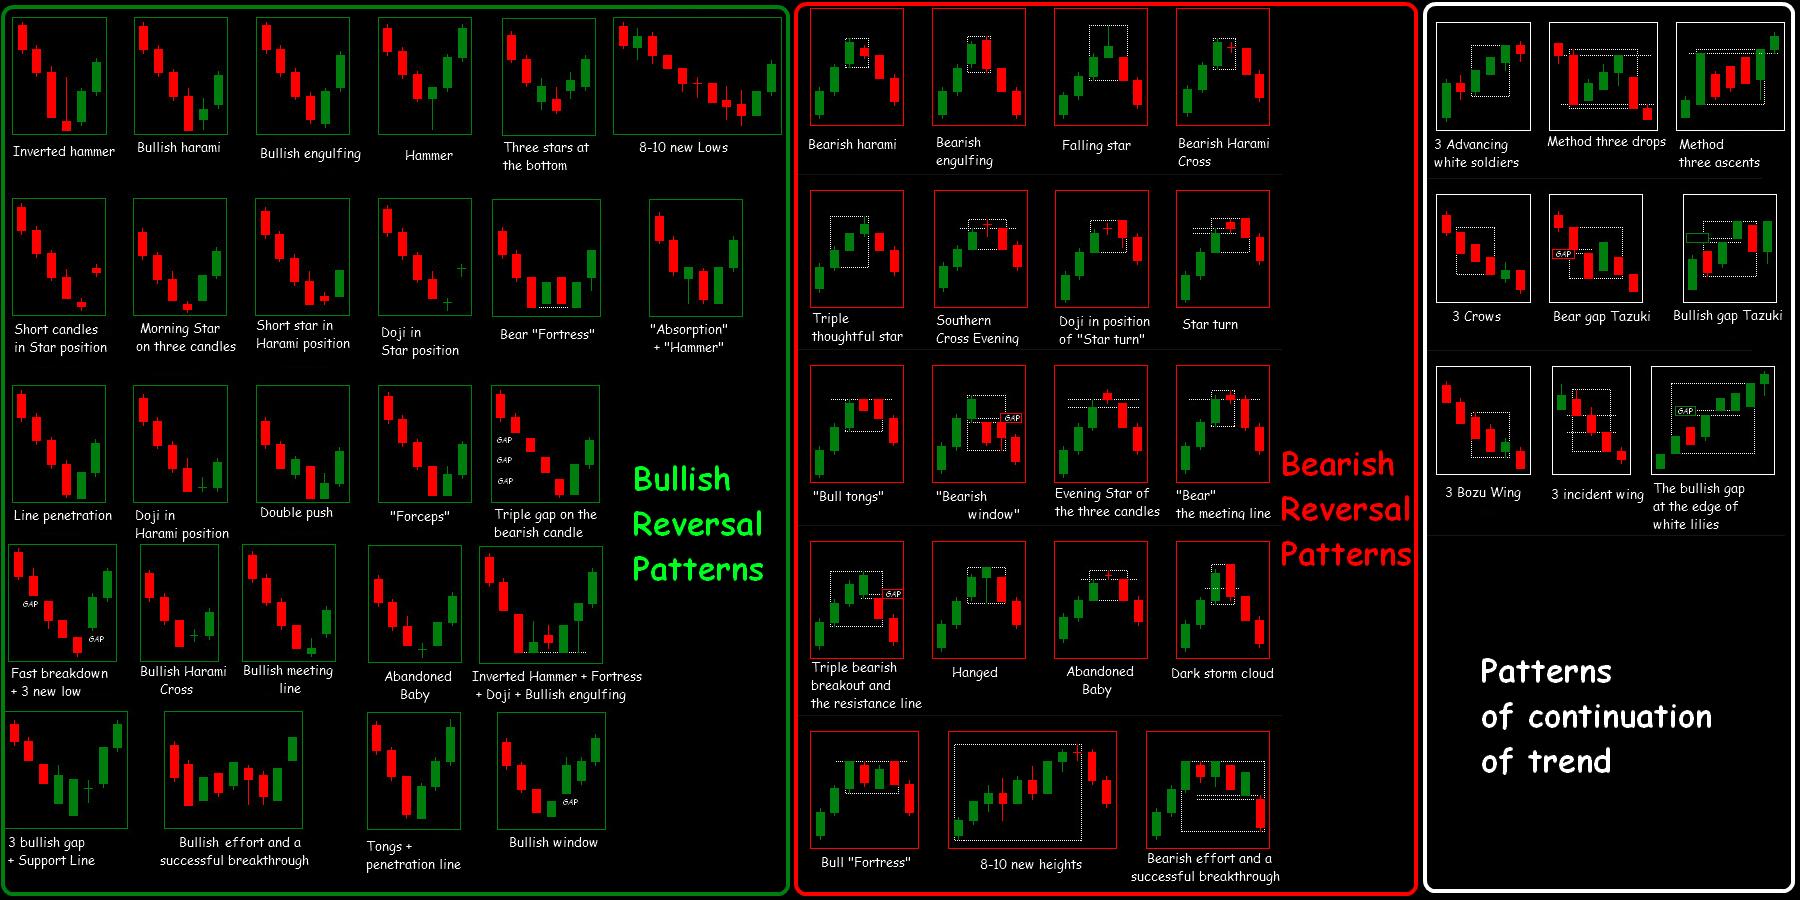 bináris opciók befektetési bónusz nélkül